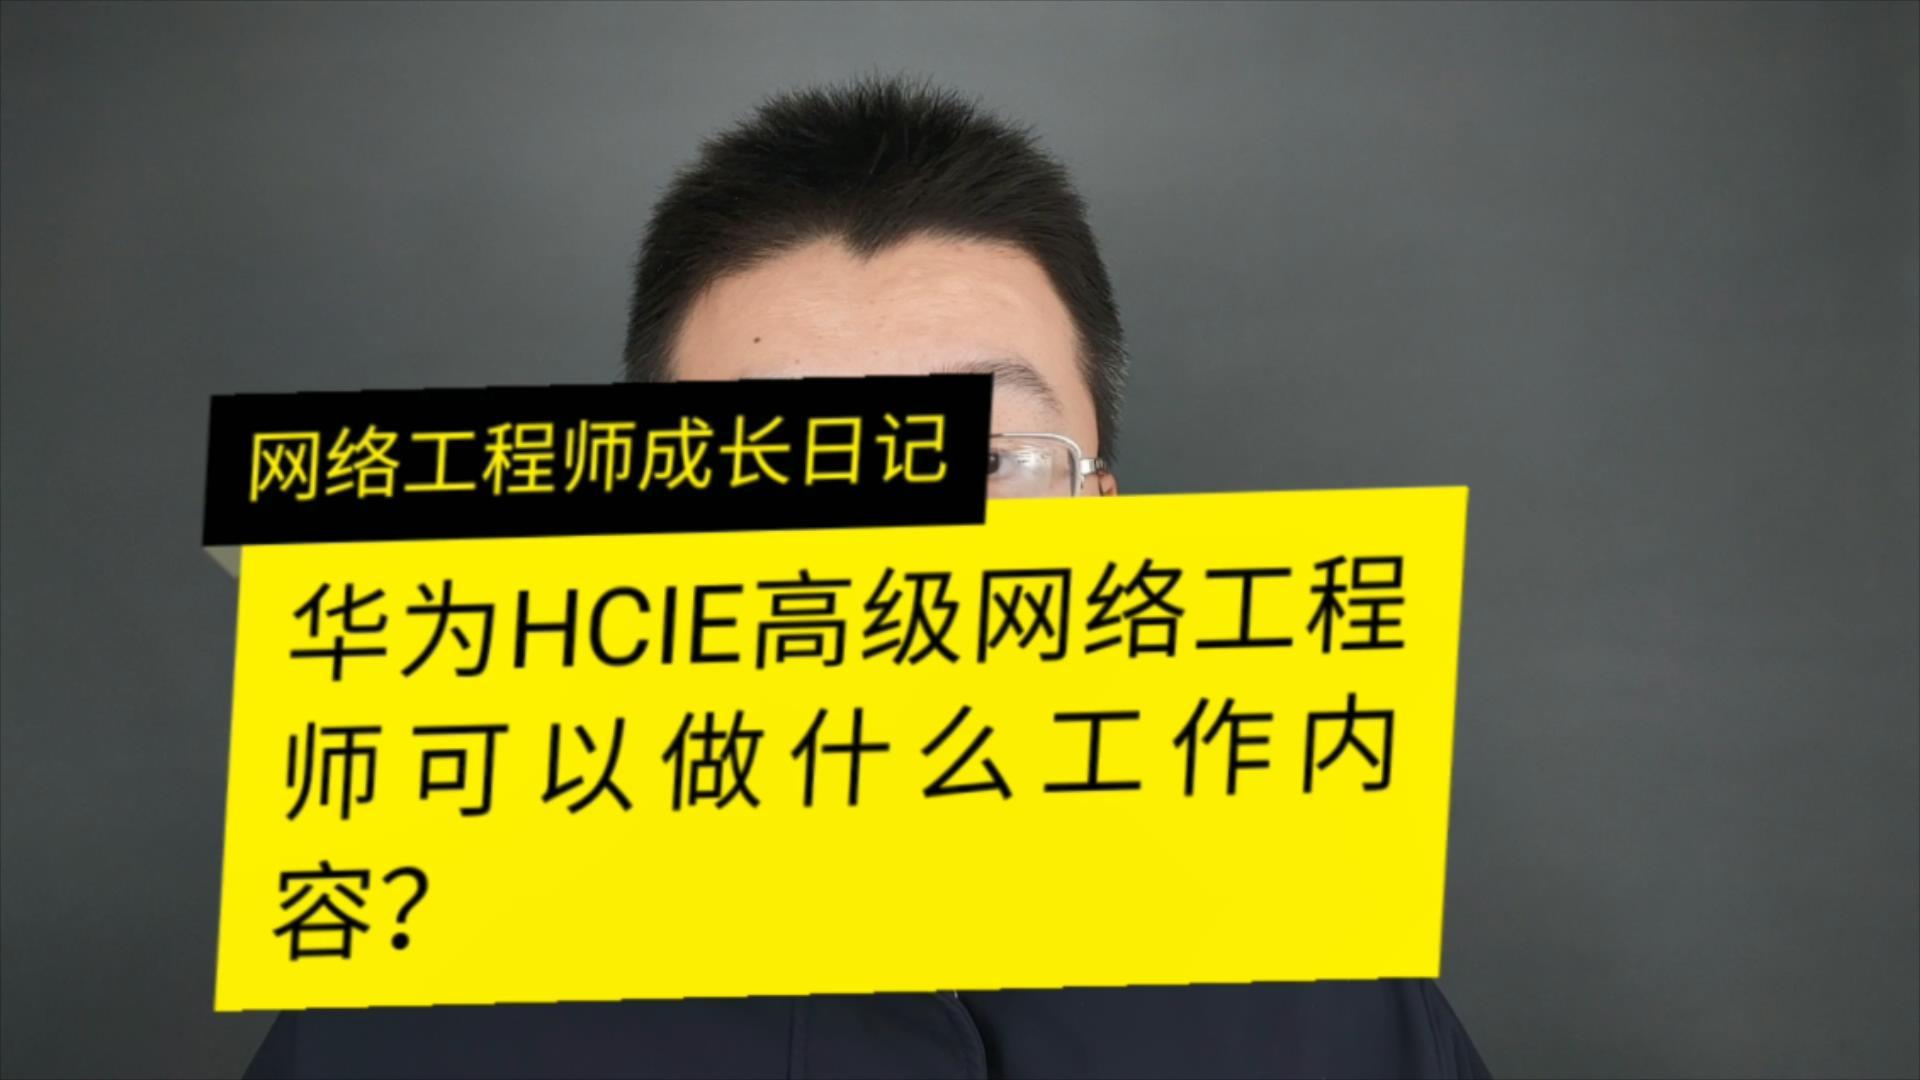 华为HCIE网络工程师可以做什么工作内容